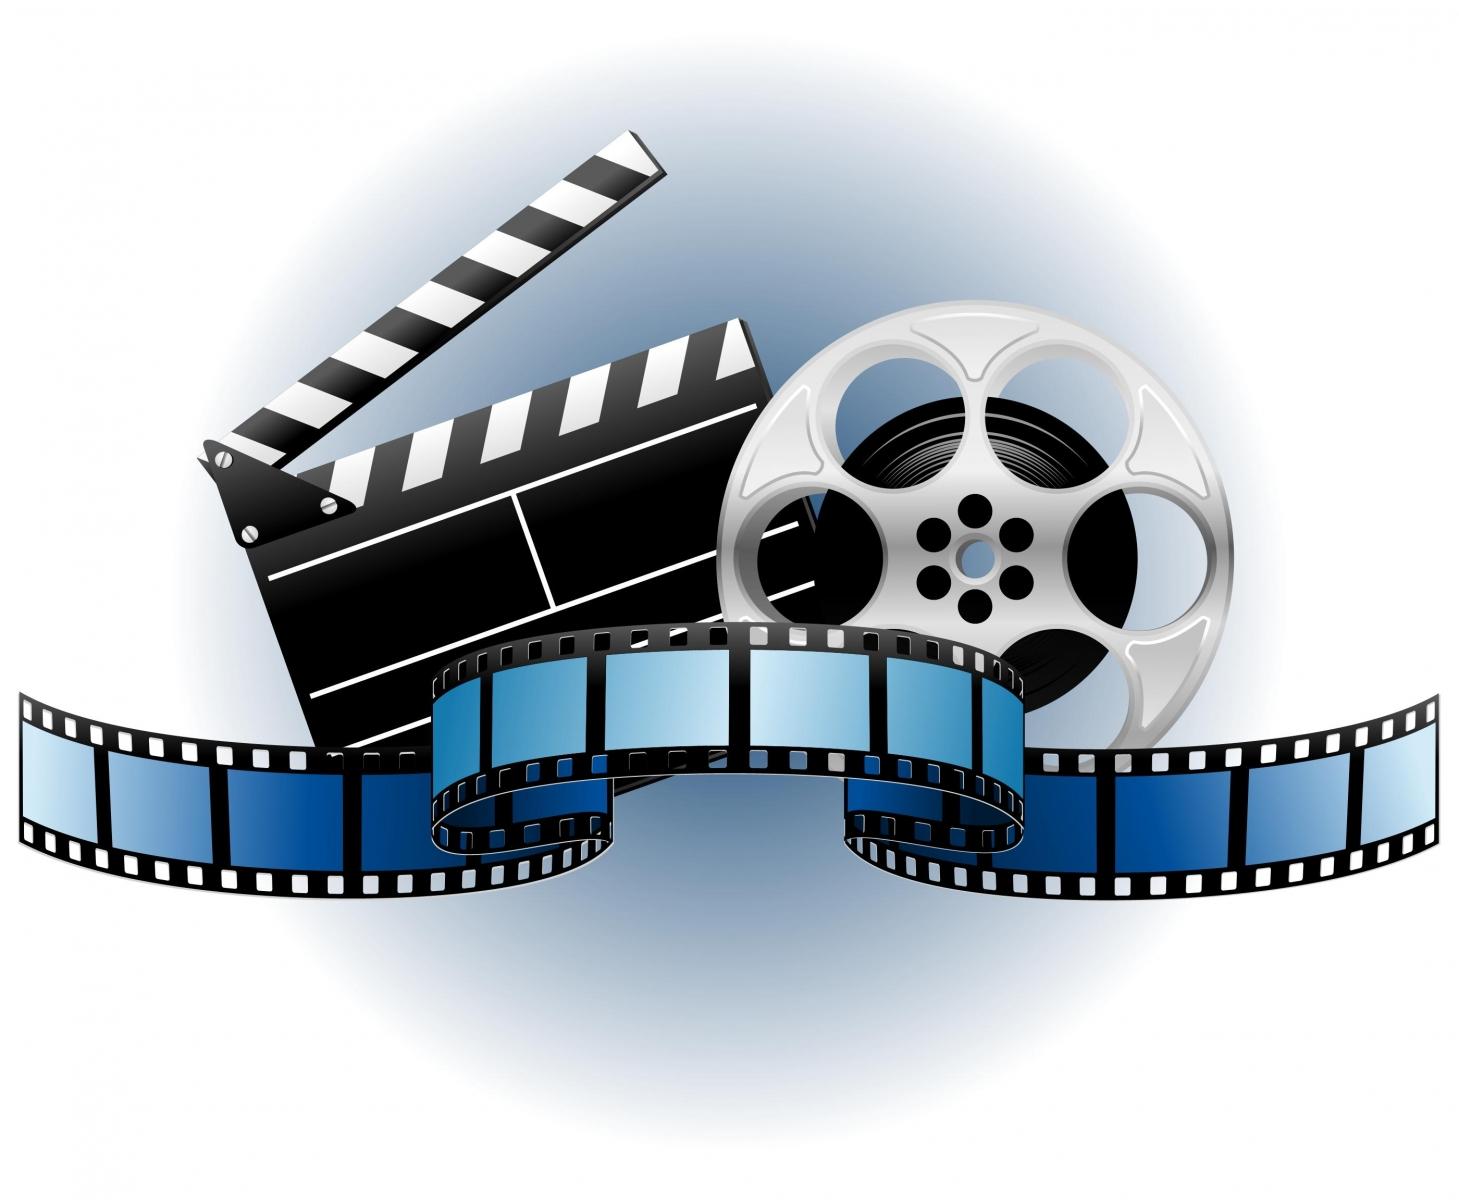 آموزش قدم به قدم کاهش حجم ویدئو بدون افت کیفیت برای همه گجت ها